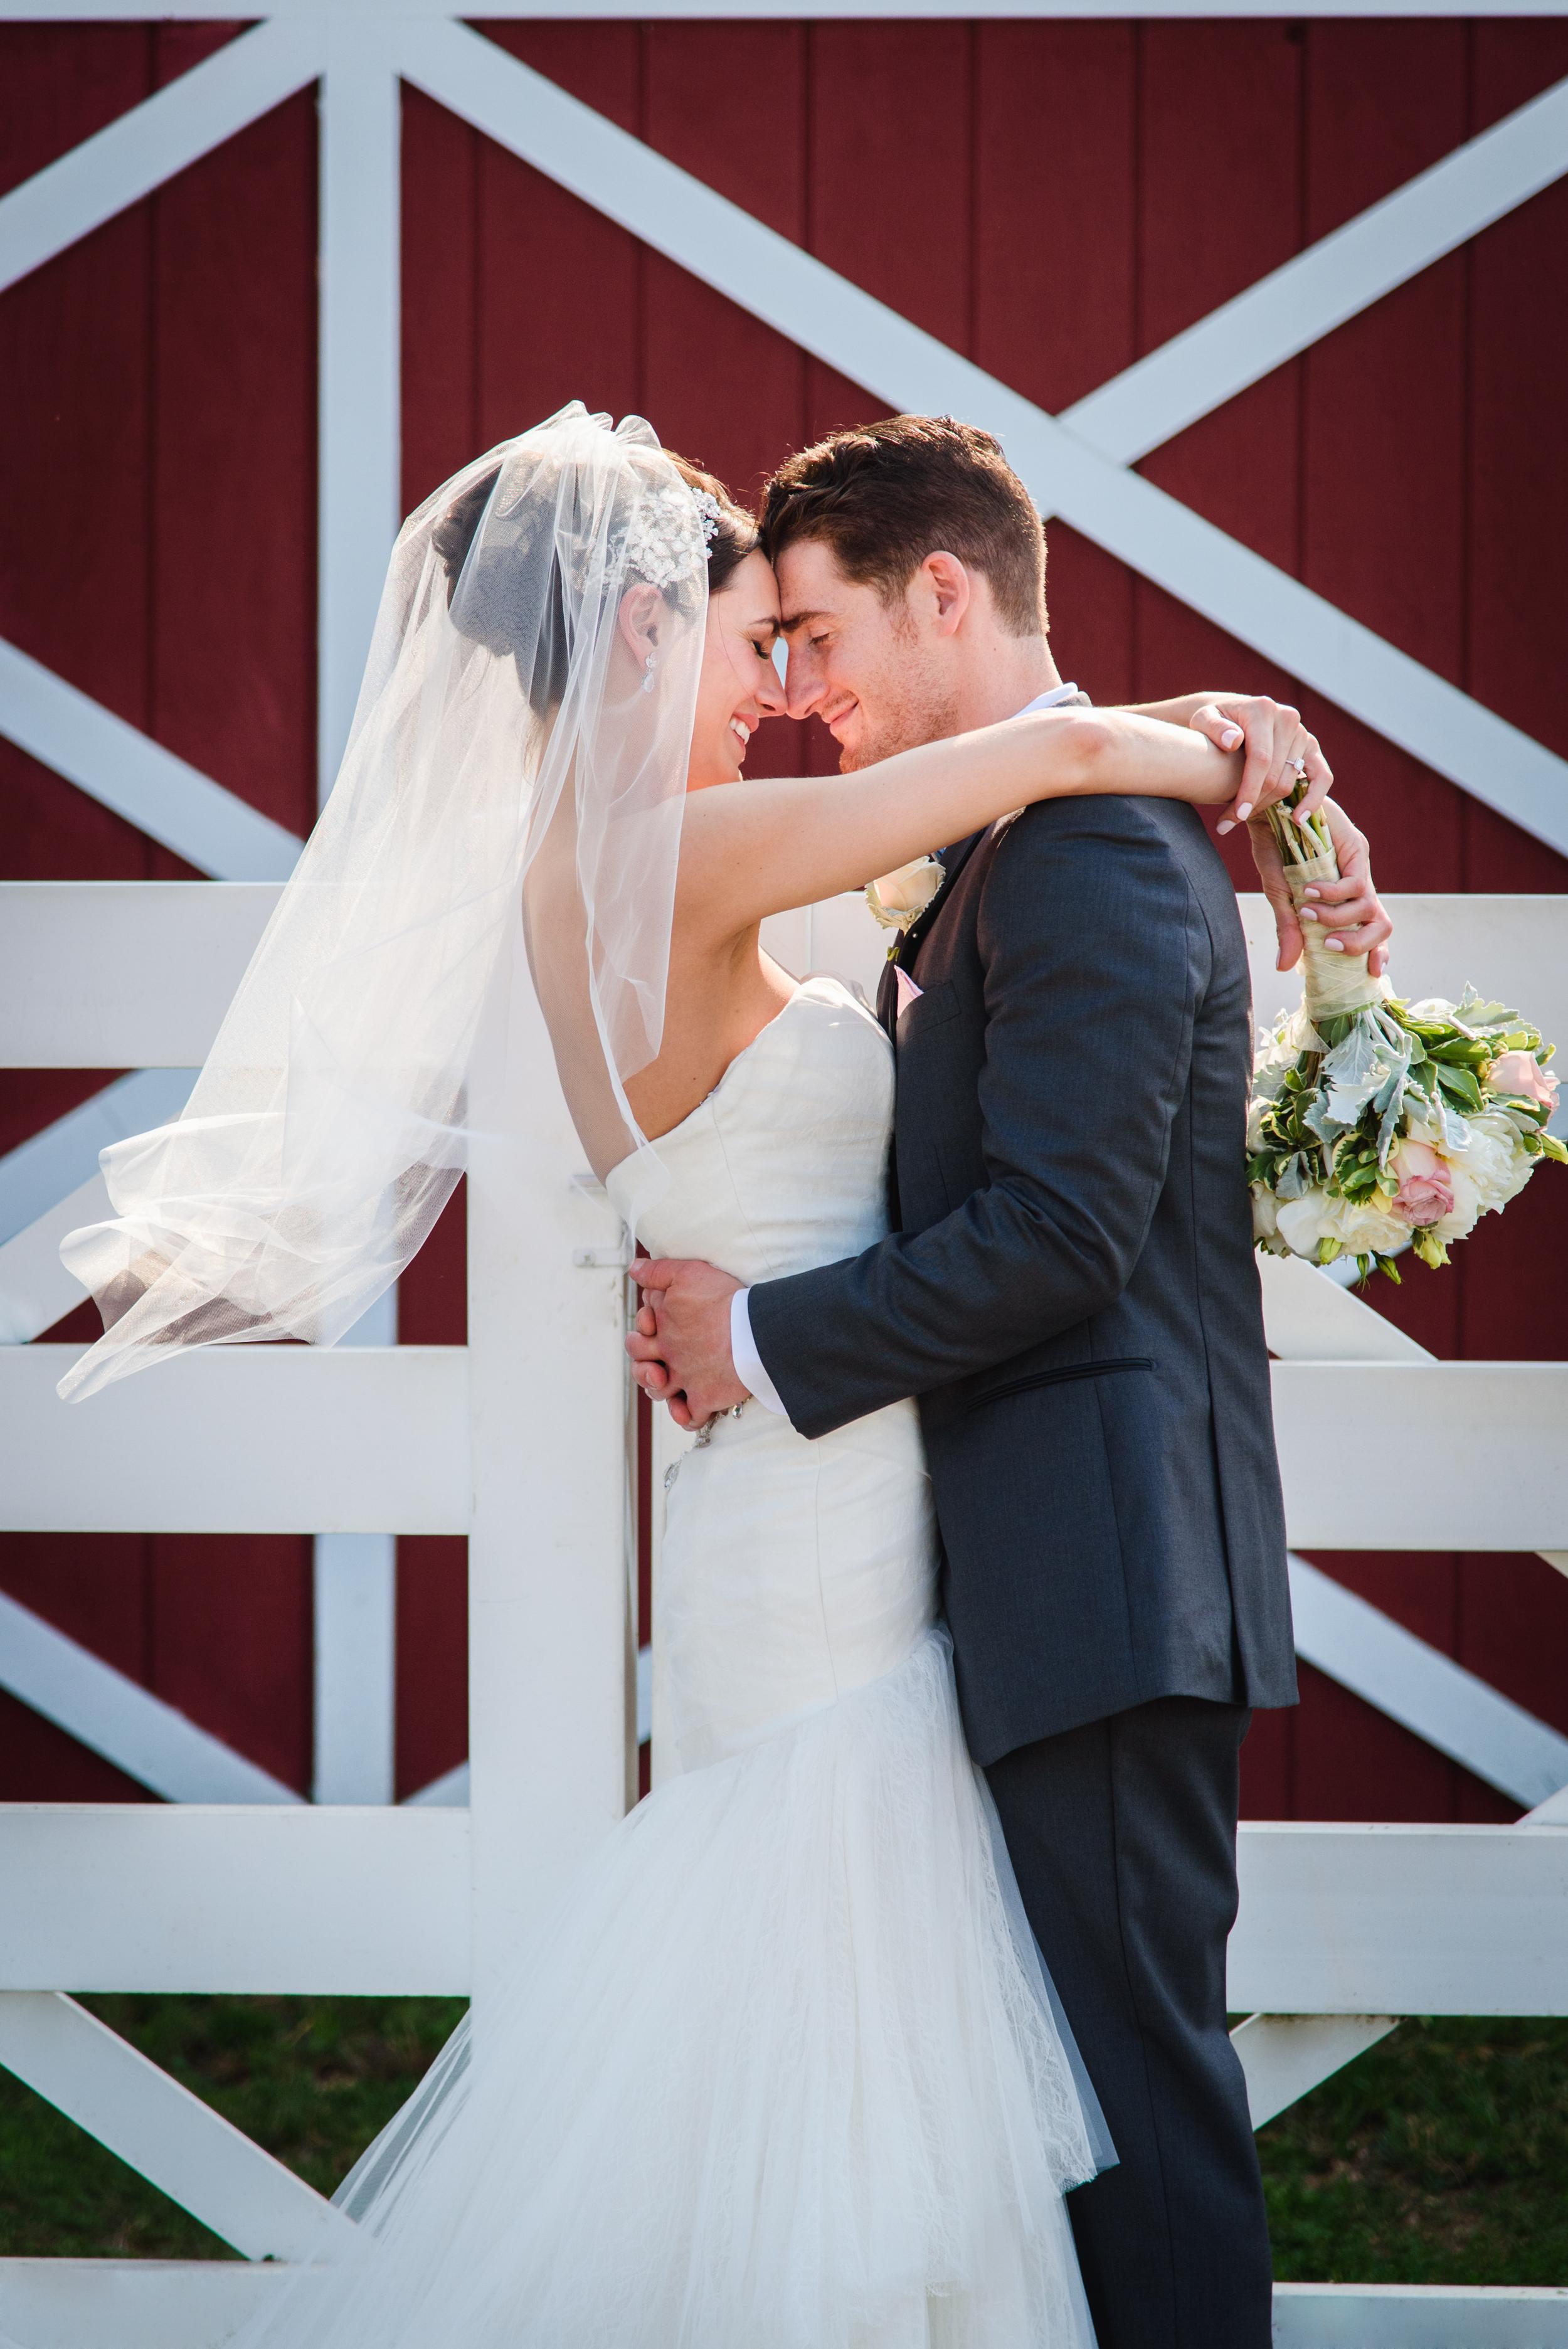 DiNapoli Wedding 1120-Edit.jpg